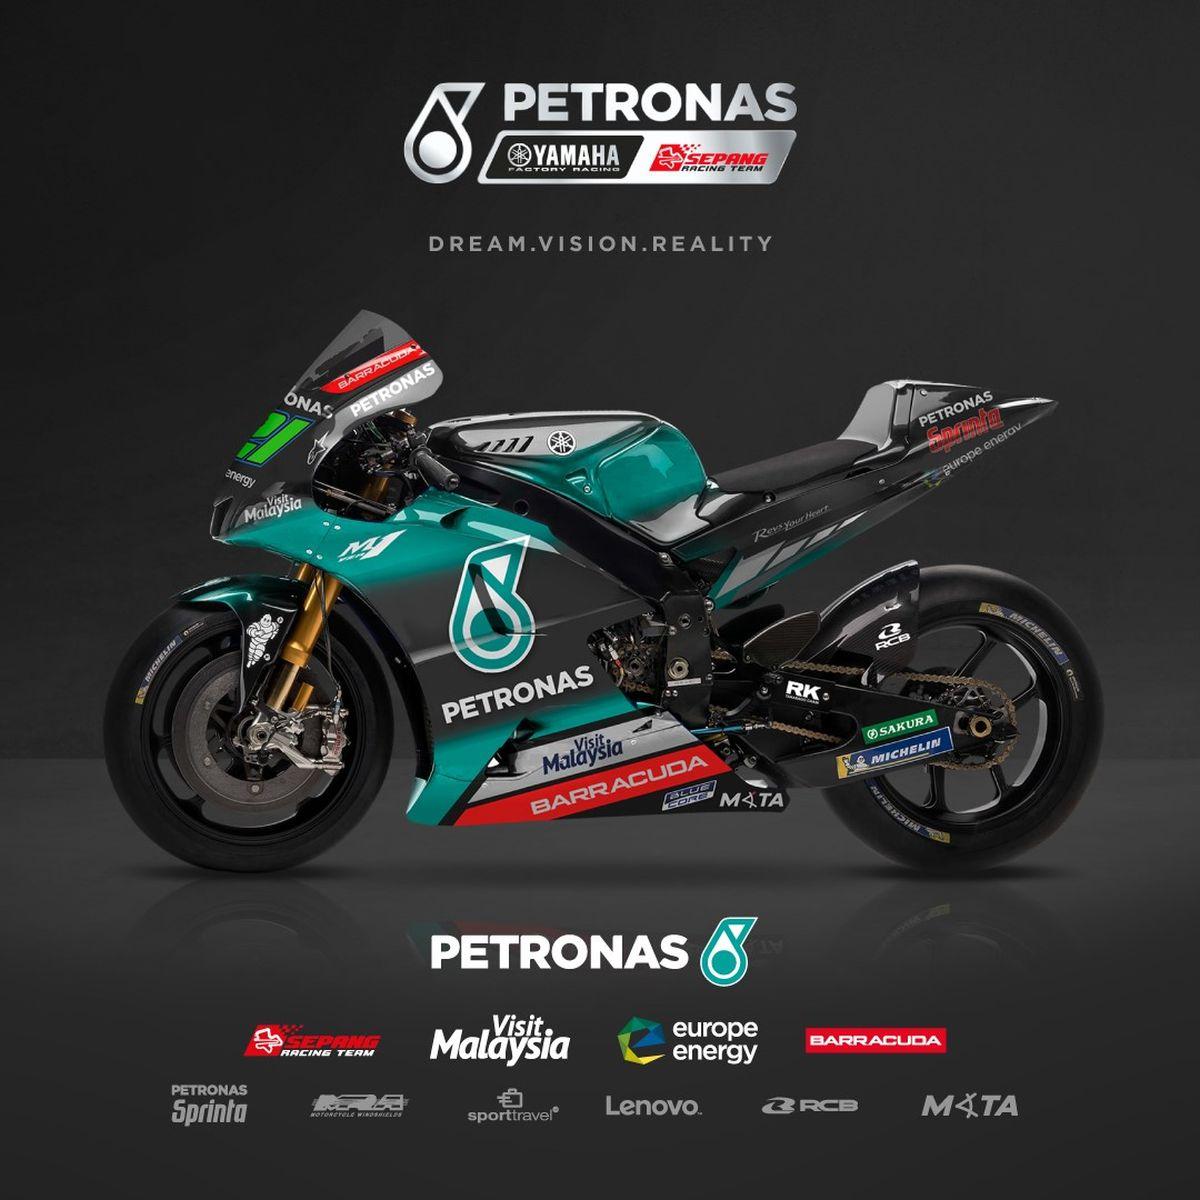 Petronas Yamaha Srt 2019 Motogp Wallpaper Kfzoom